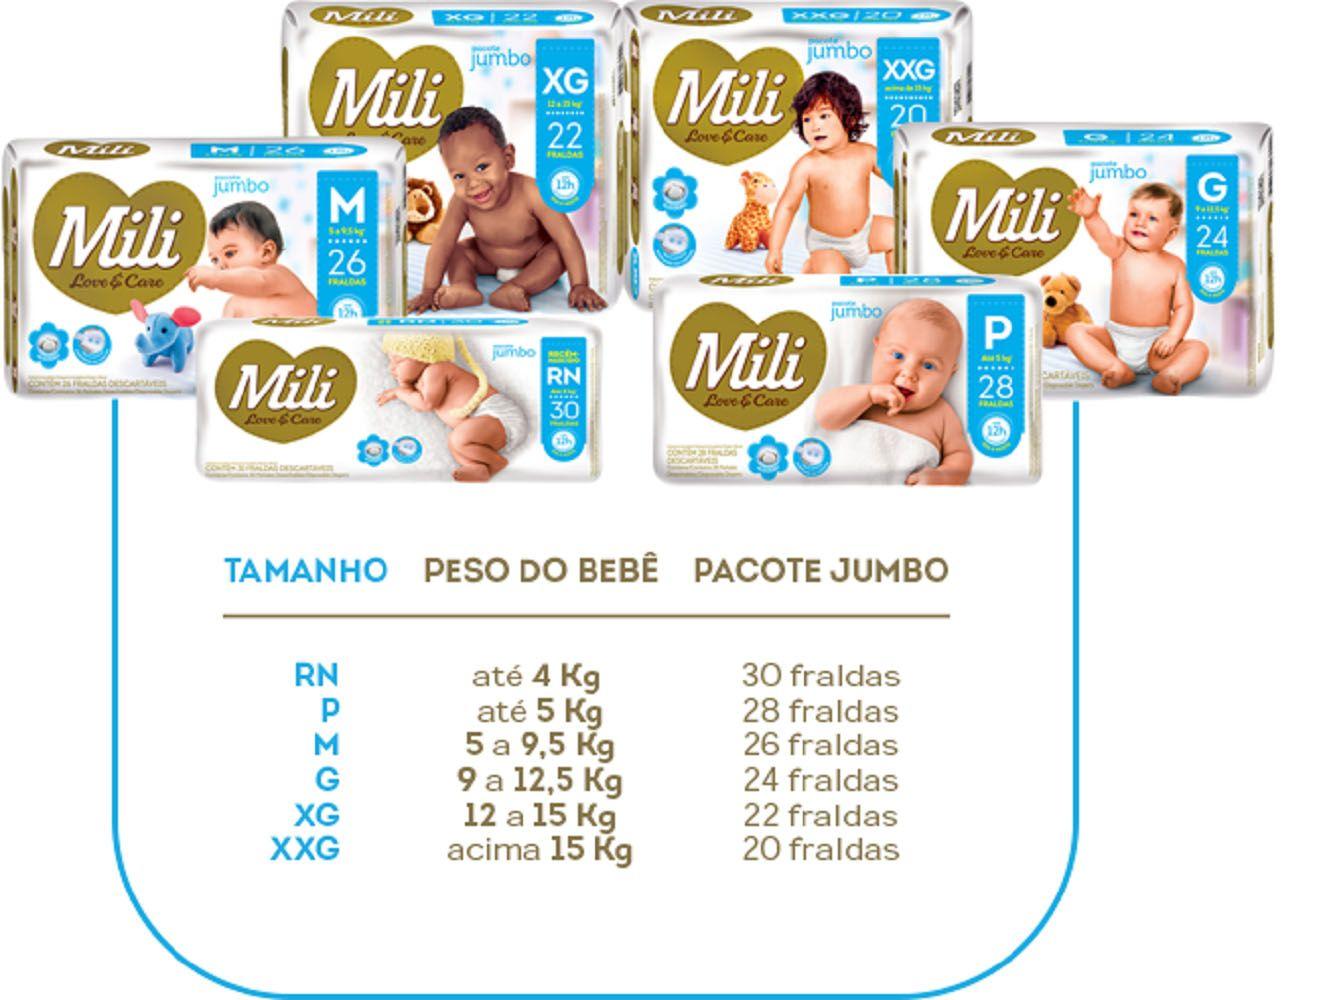 Fralda Descartável Mili- Love & Care - Linha Premiun- Tamanho P- 9 Pacotes (total 252 fraldas)